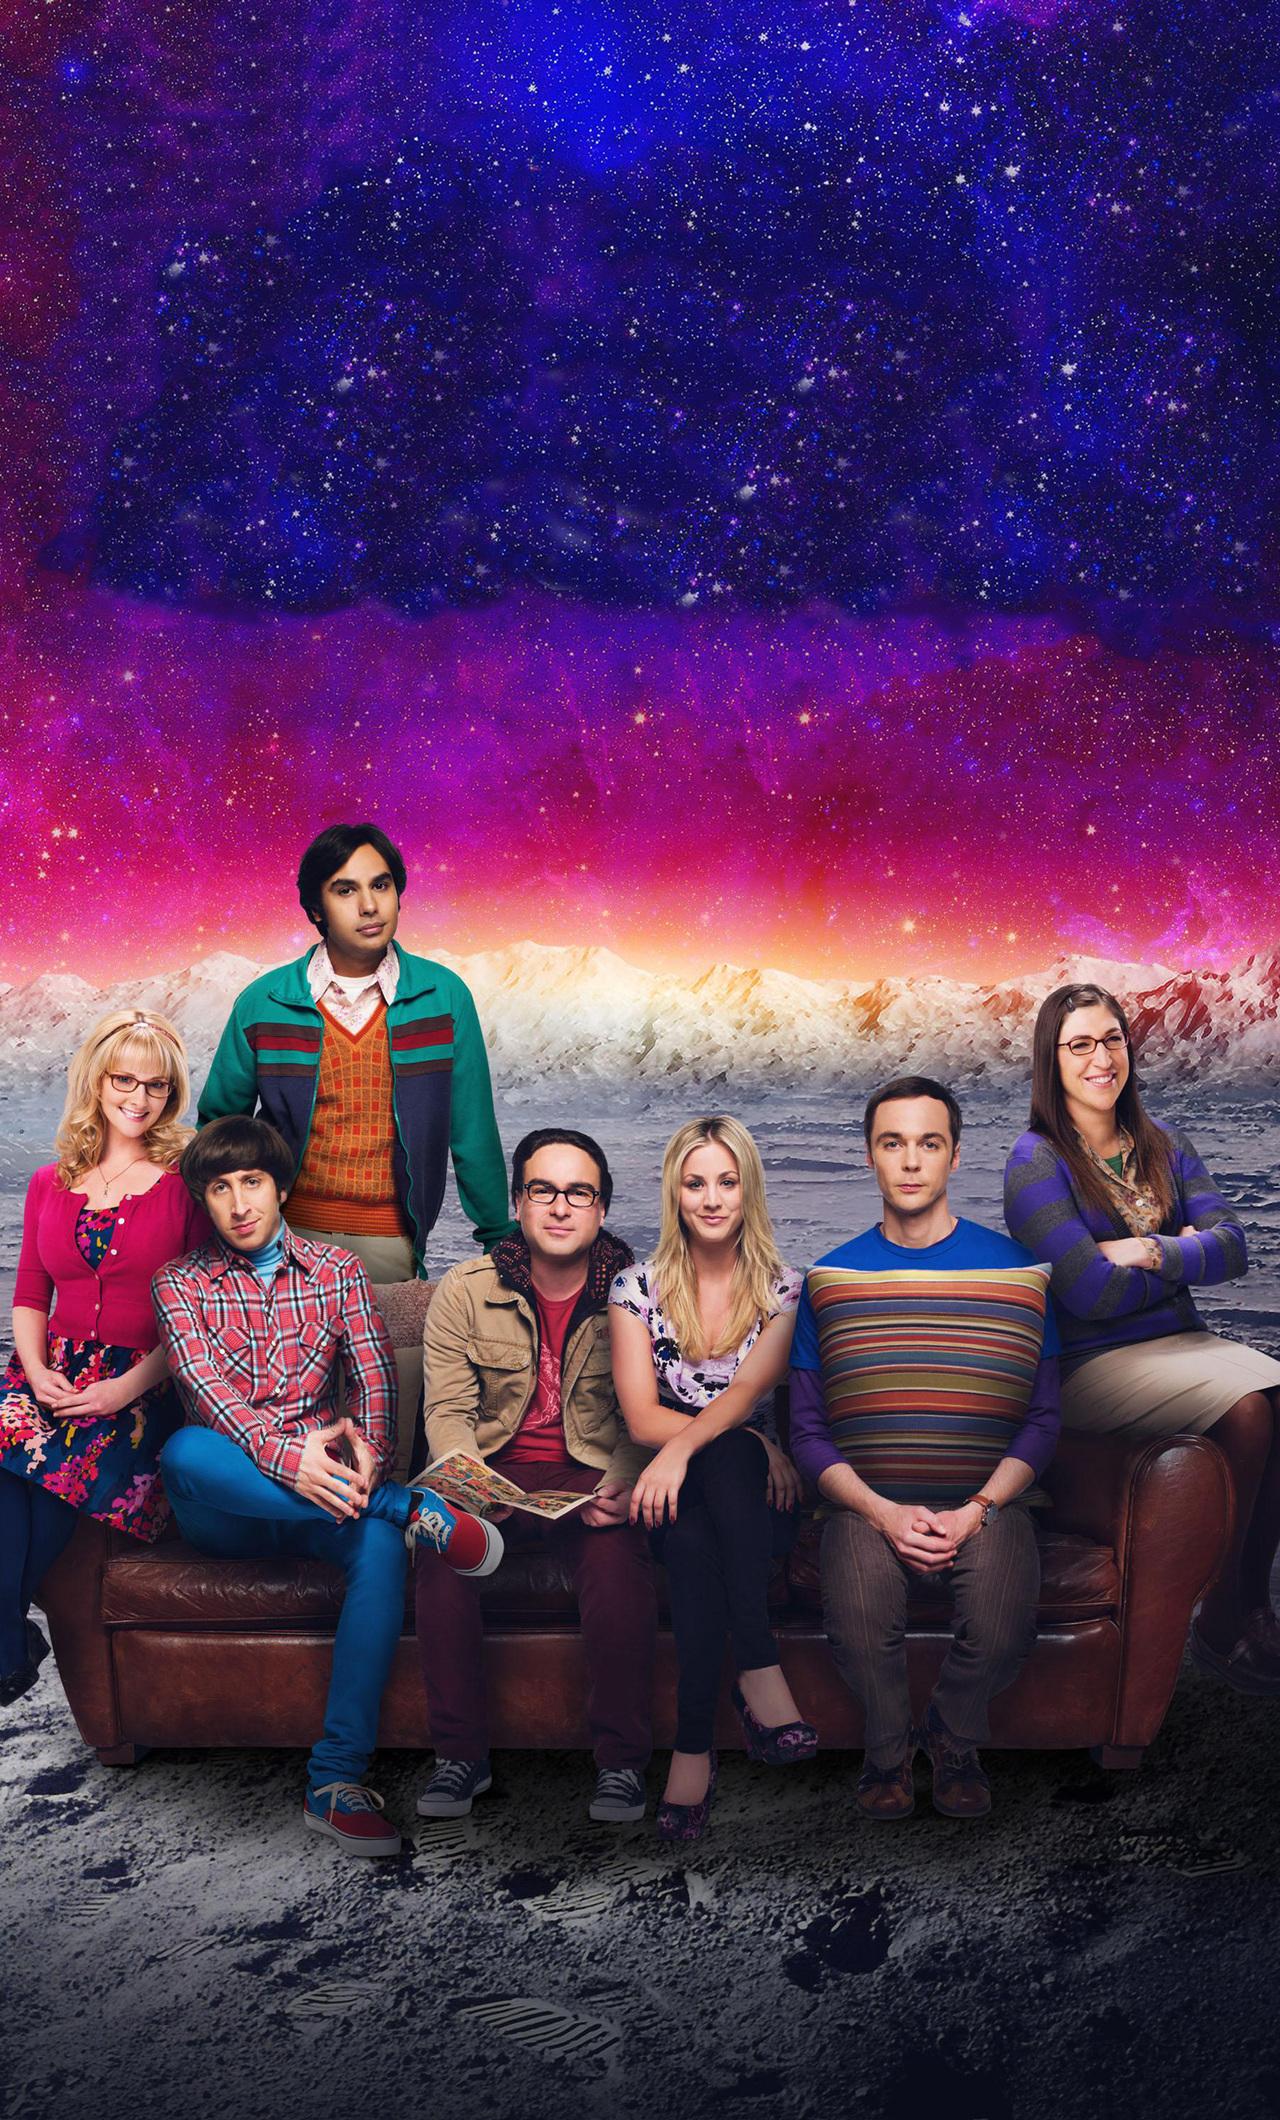 Big Bang Theory Wallpaper Iphone Zendha